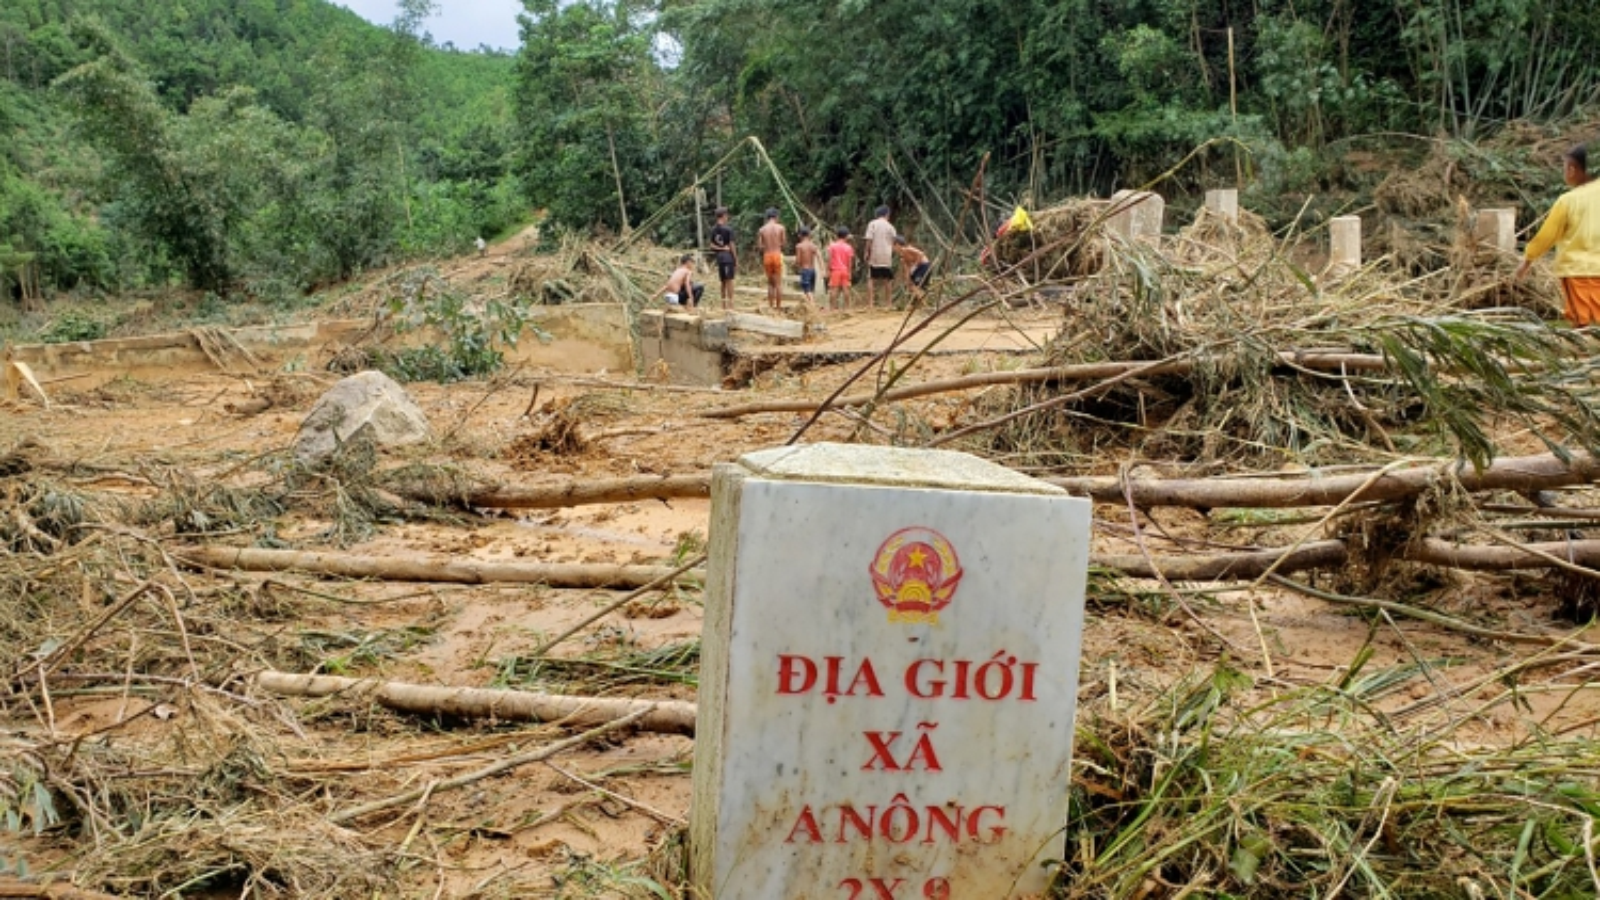 Quảng Nam tập trung khắc phục sạt lở, thông tuyến lên các xã vùng cao